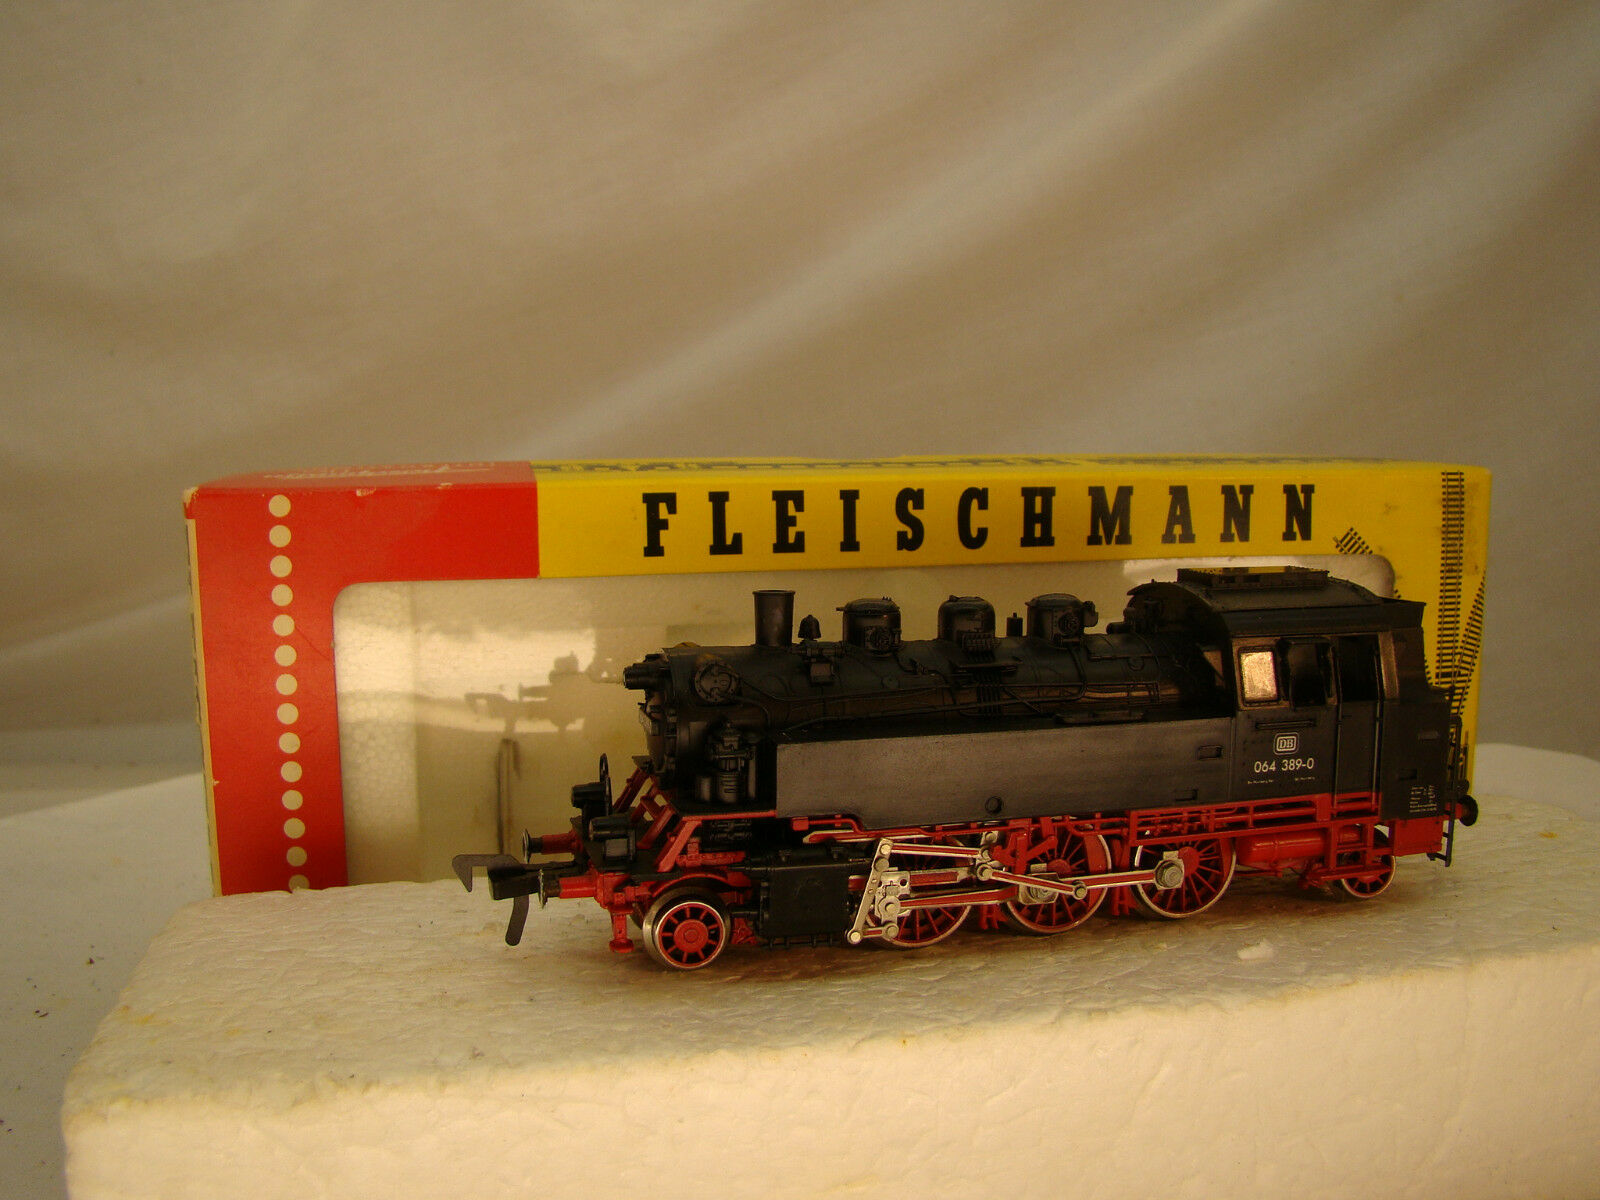 2-6-2 Fleischmann Steam Locomotive - smooth, powerful runner - serviced, tested